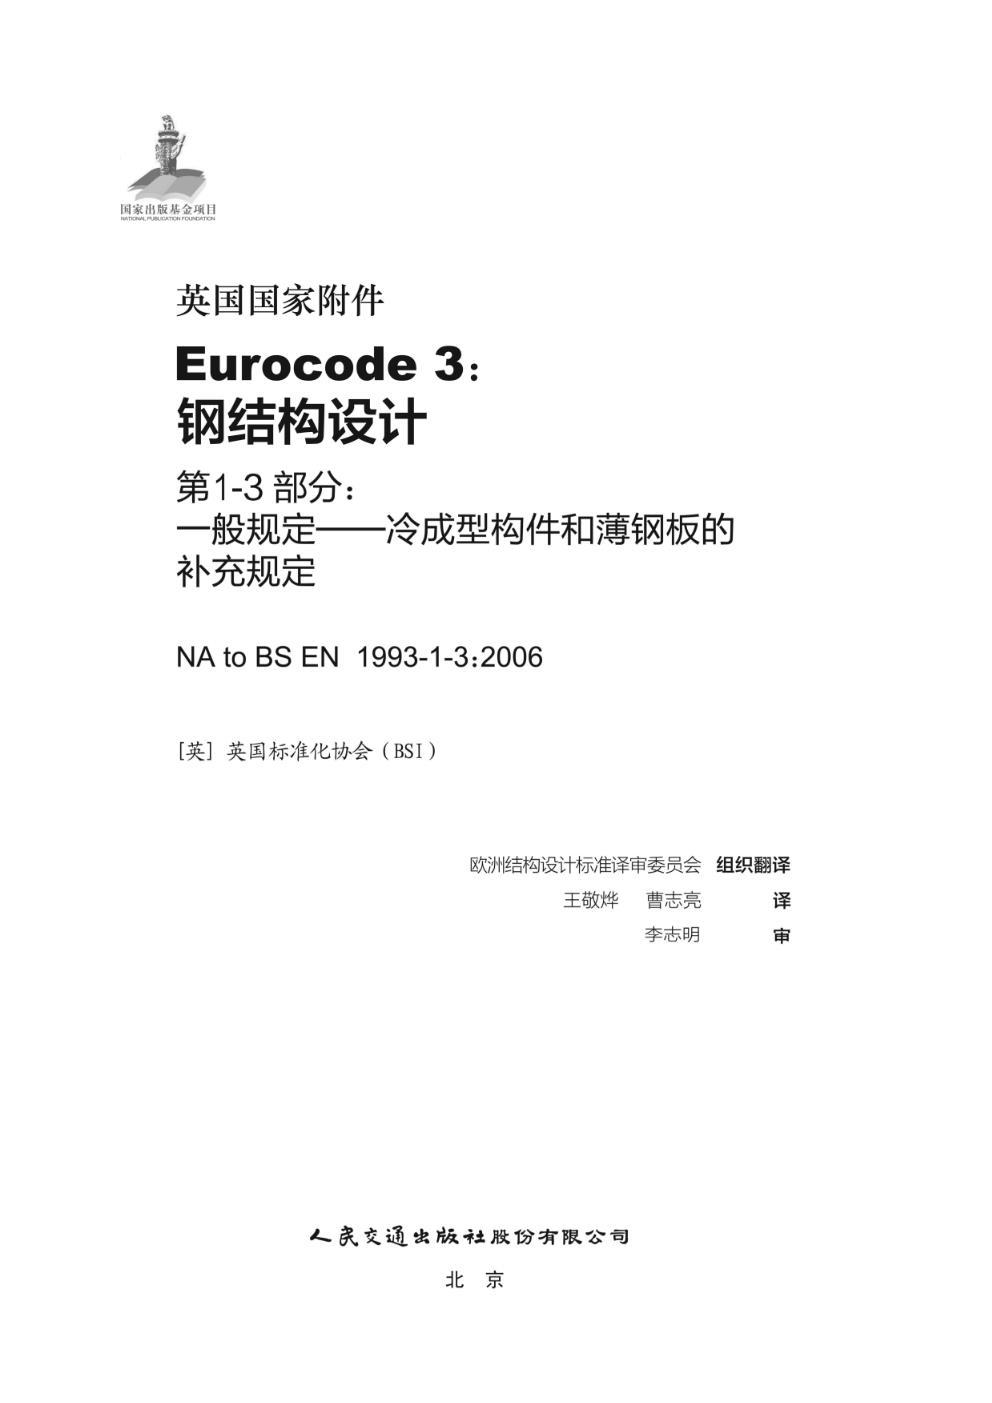 英国国家附件-钢结构设计第1-3部分:一般规定——冷成型构件和薄钢板的补充规定-NA-to-BS-EN-1993-1-3:2006-Page-002